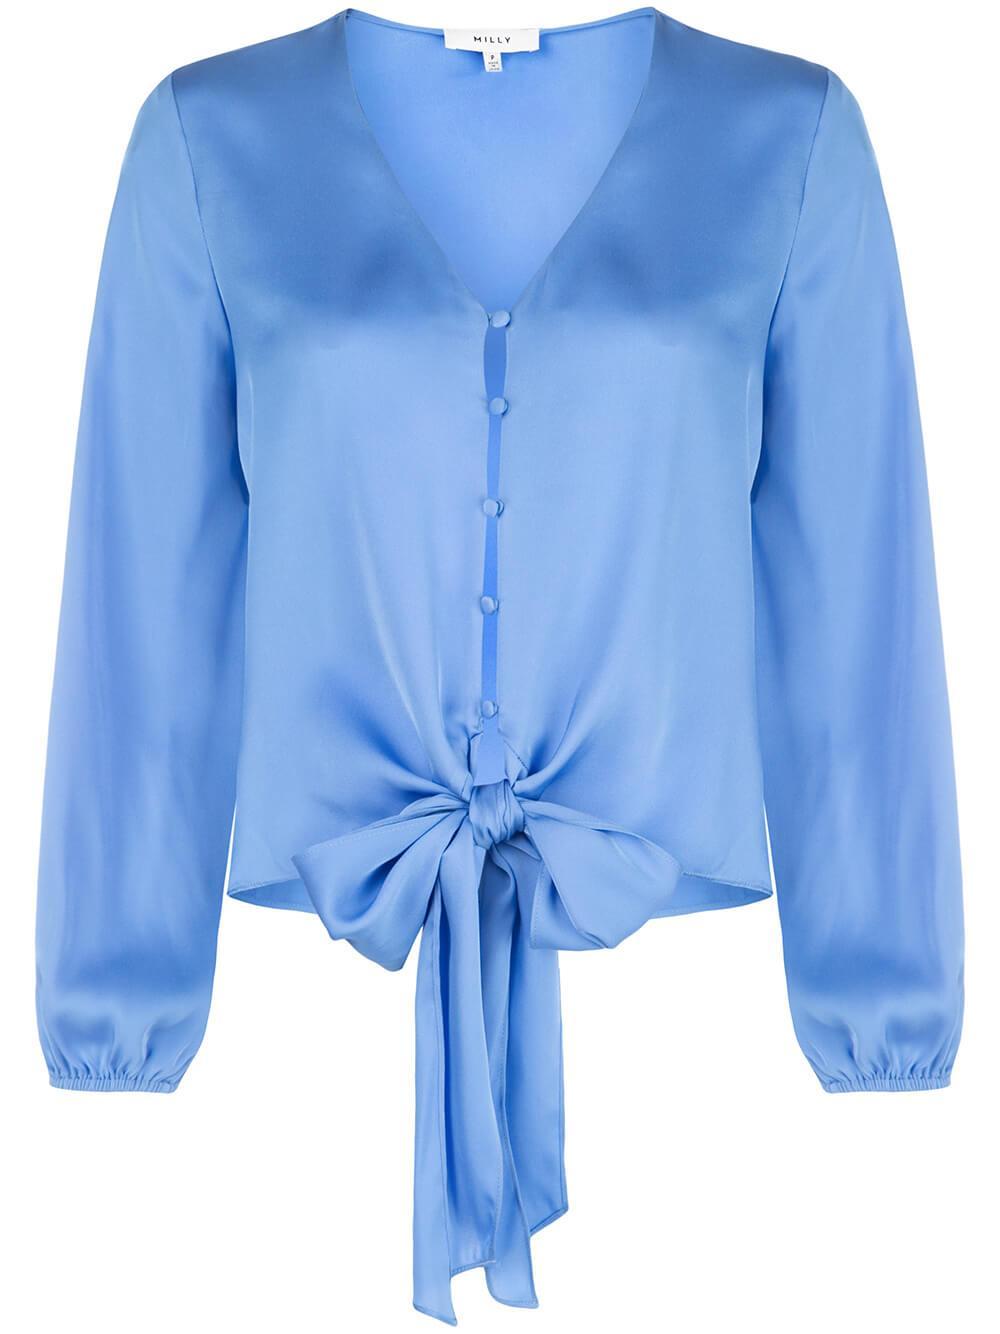 Elizabeth Tie Waist Long Sleeve Top Item # 02RT19